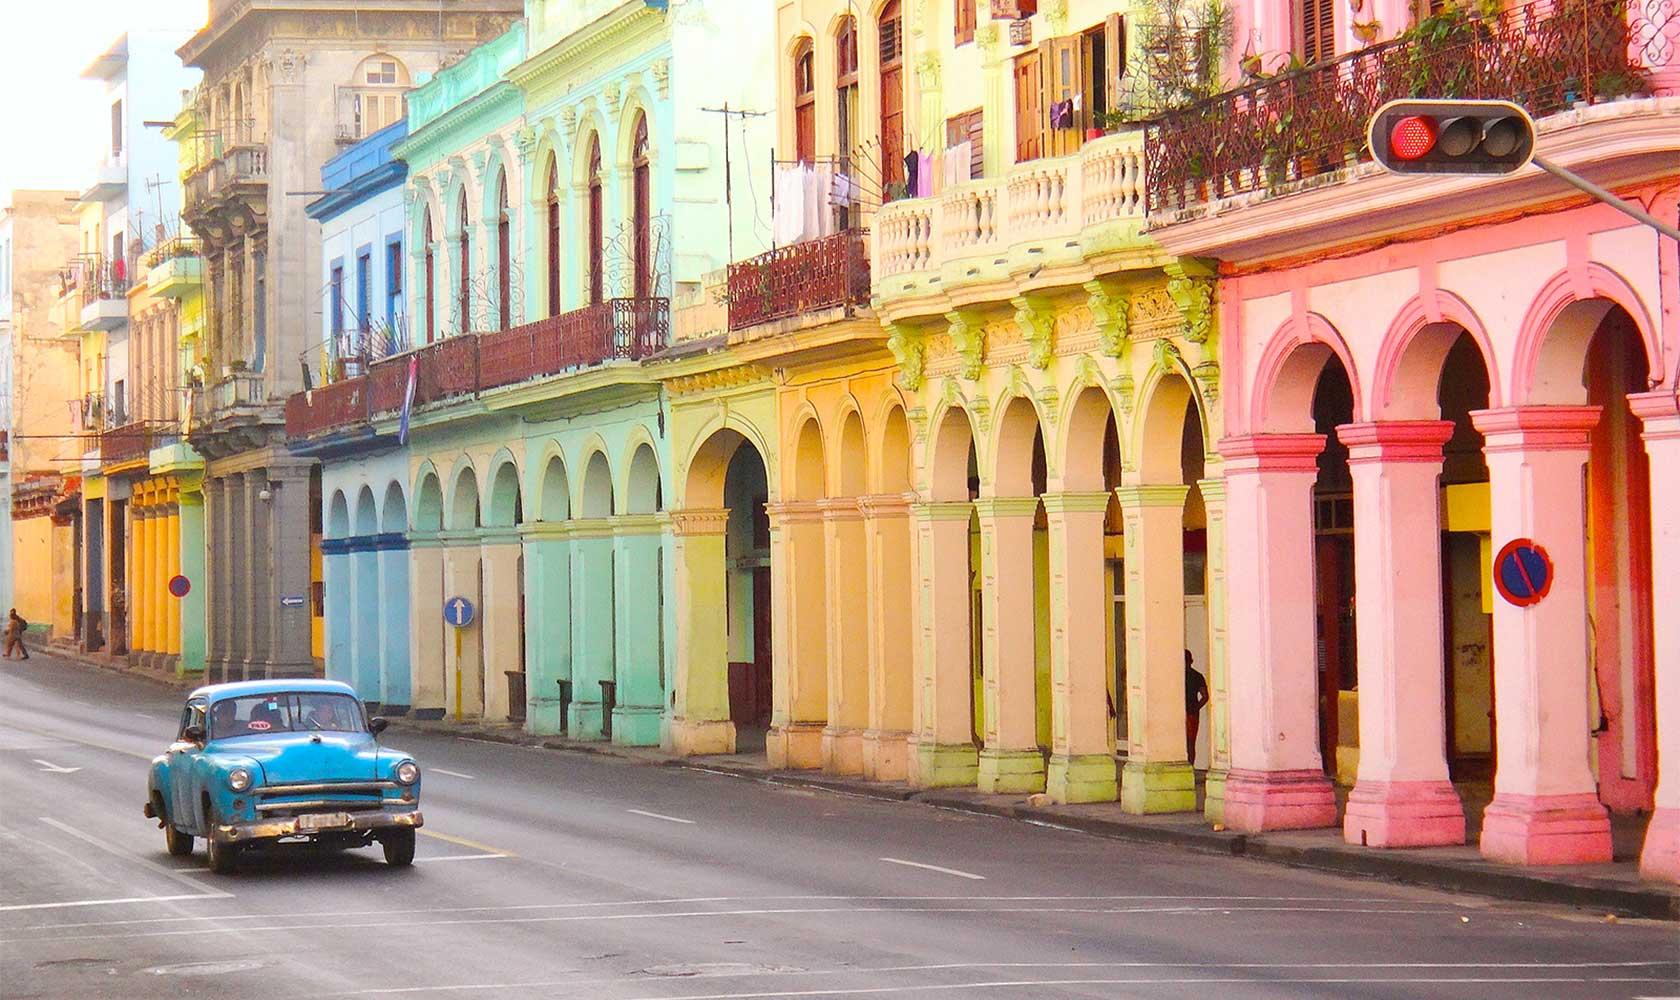 Cuba Travel Photos